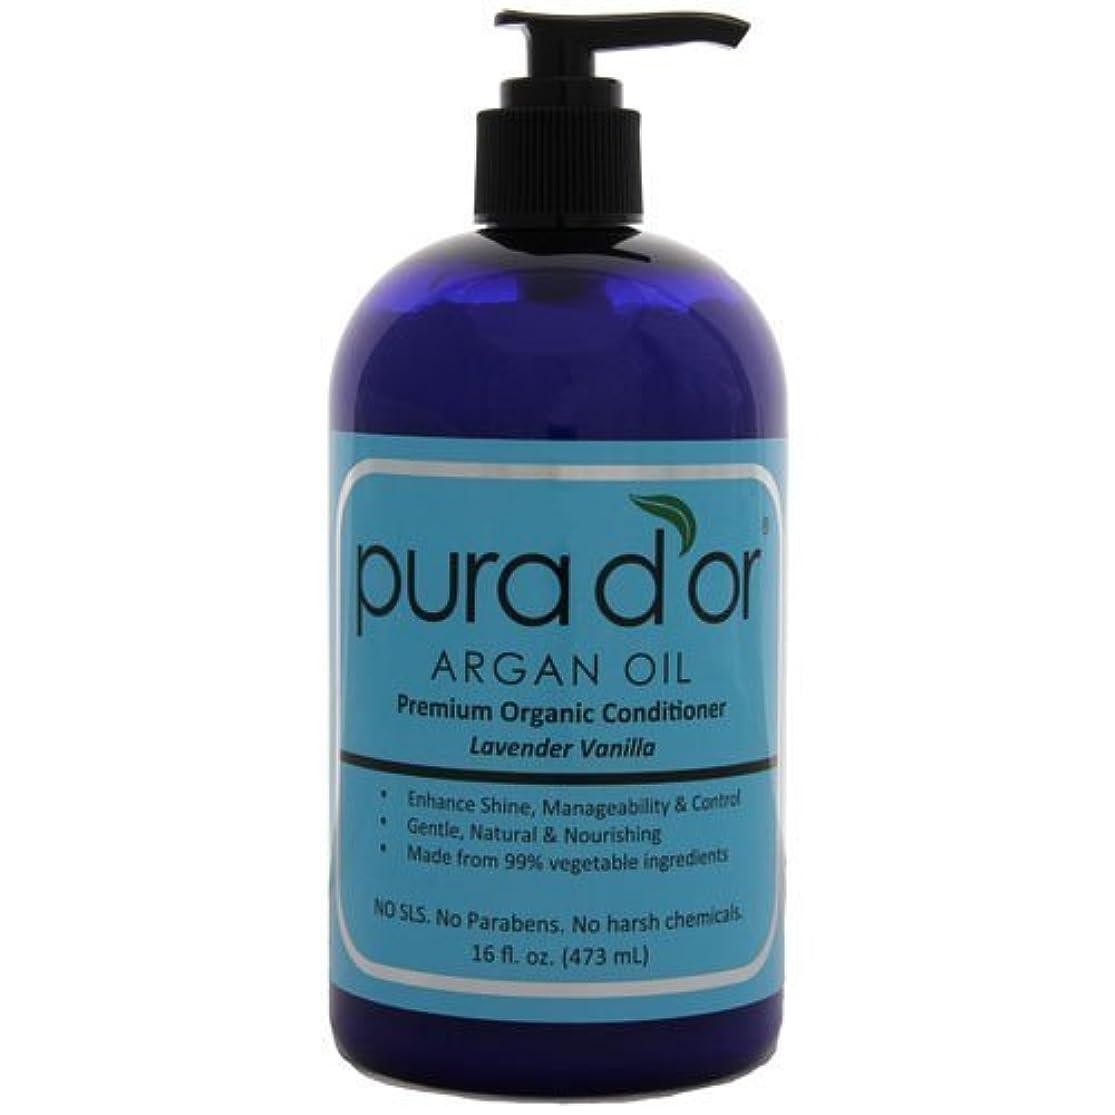 朝そんなにメタルラインPura d'or: Premium Organic Argan oil Conditioner for Hair (16 fl. oz.) by Pura D'or [並行輸入品]